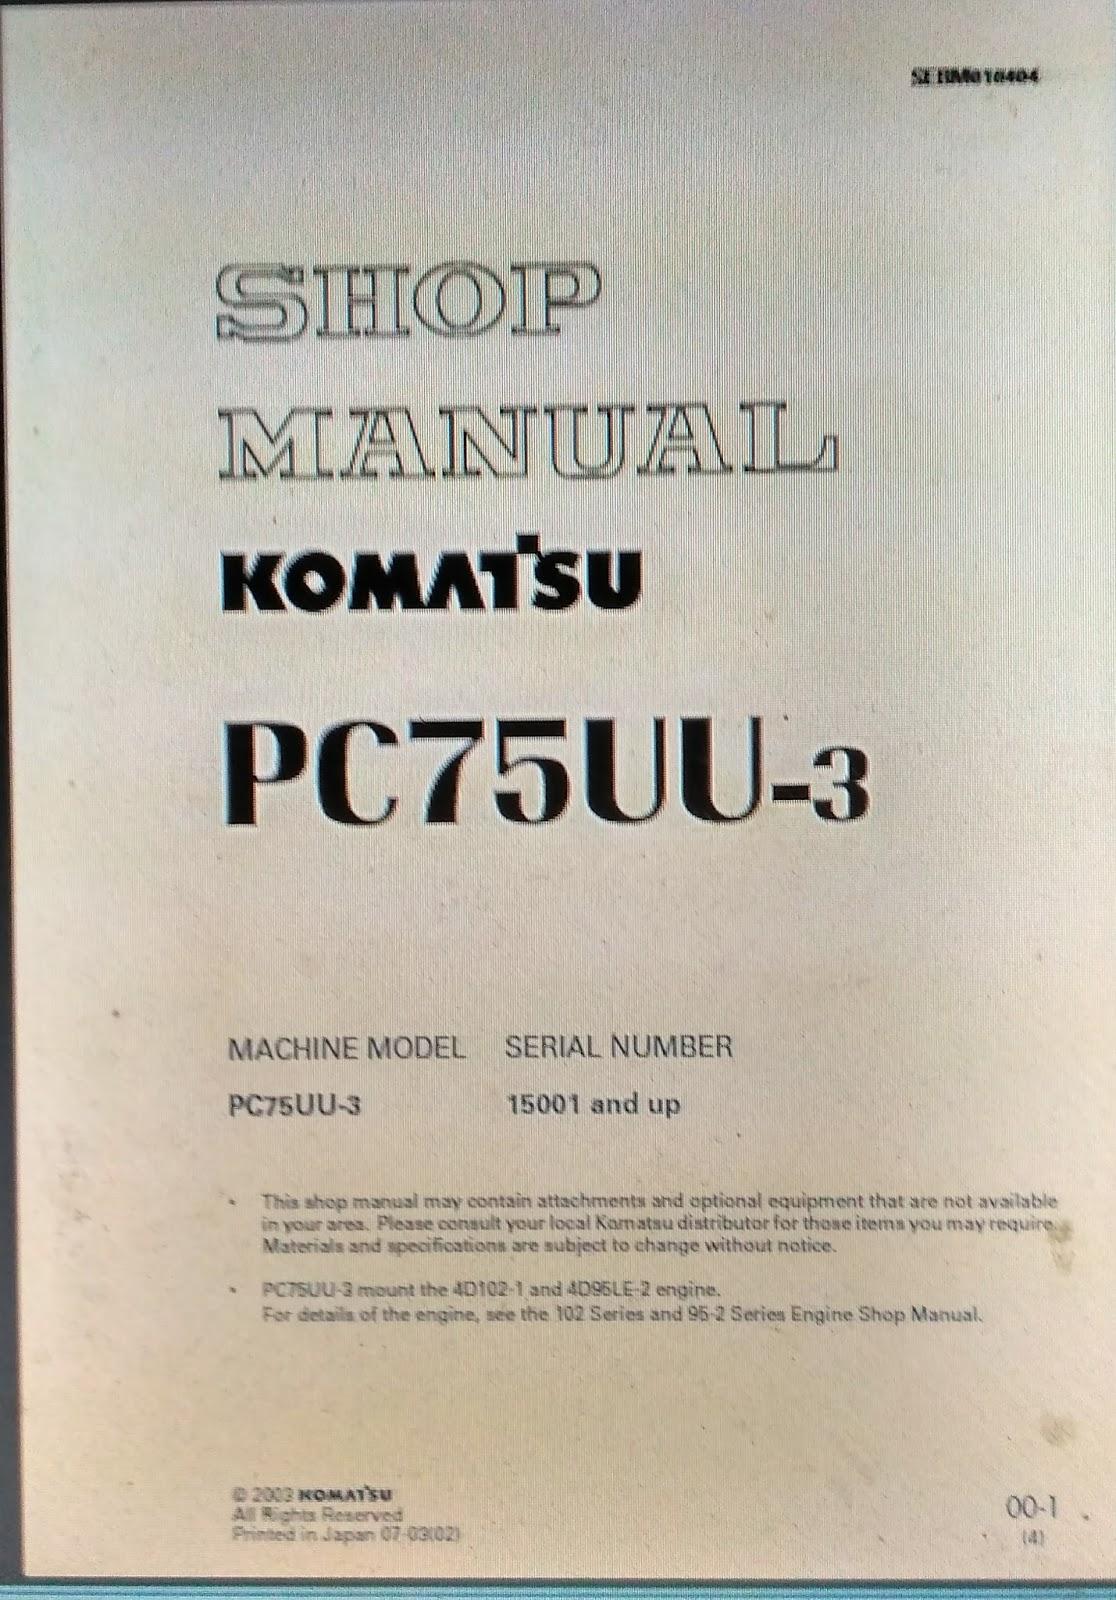 Shop Manual Komatsu Excavator Pc75uu 3 Berita Book 1 Wiring Diagram Tersedia Serta Menyediakan Parts Wheel Loader